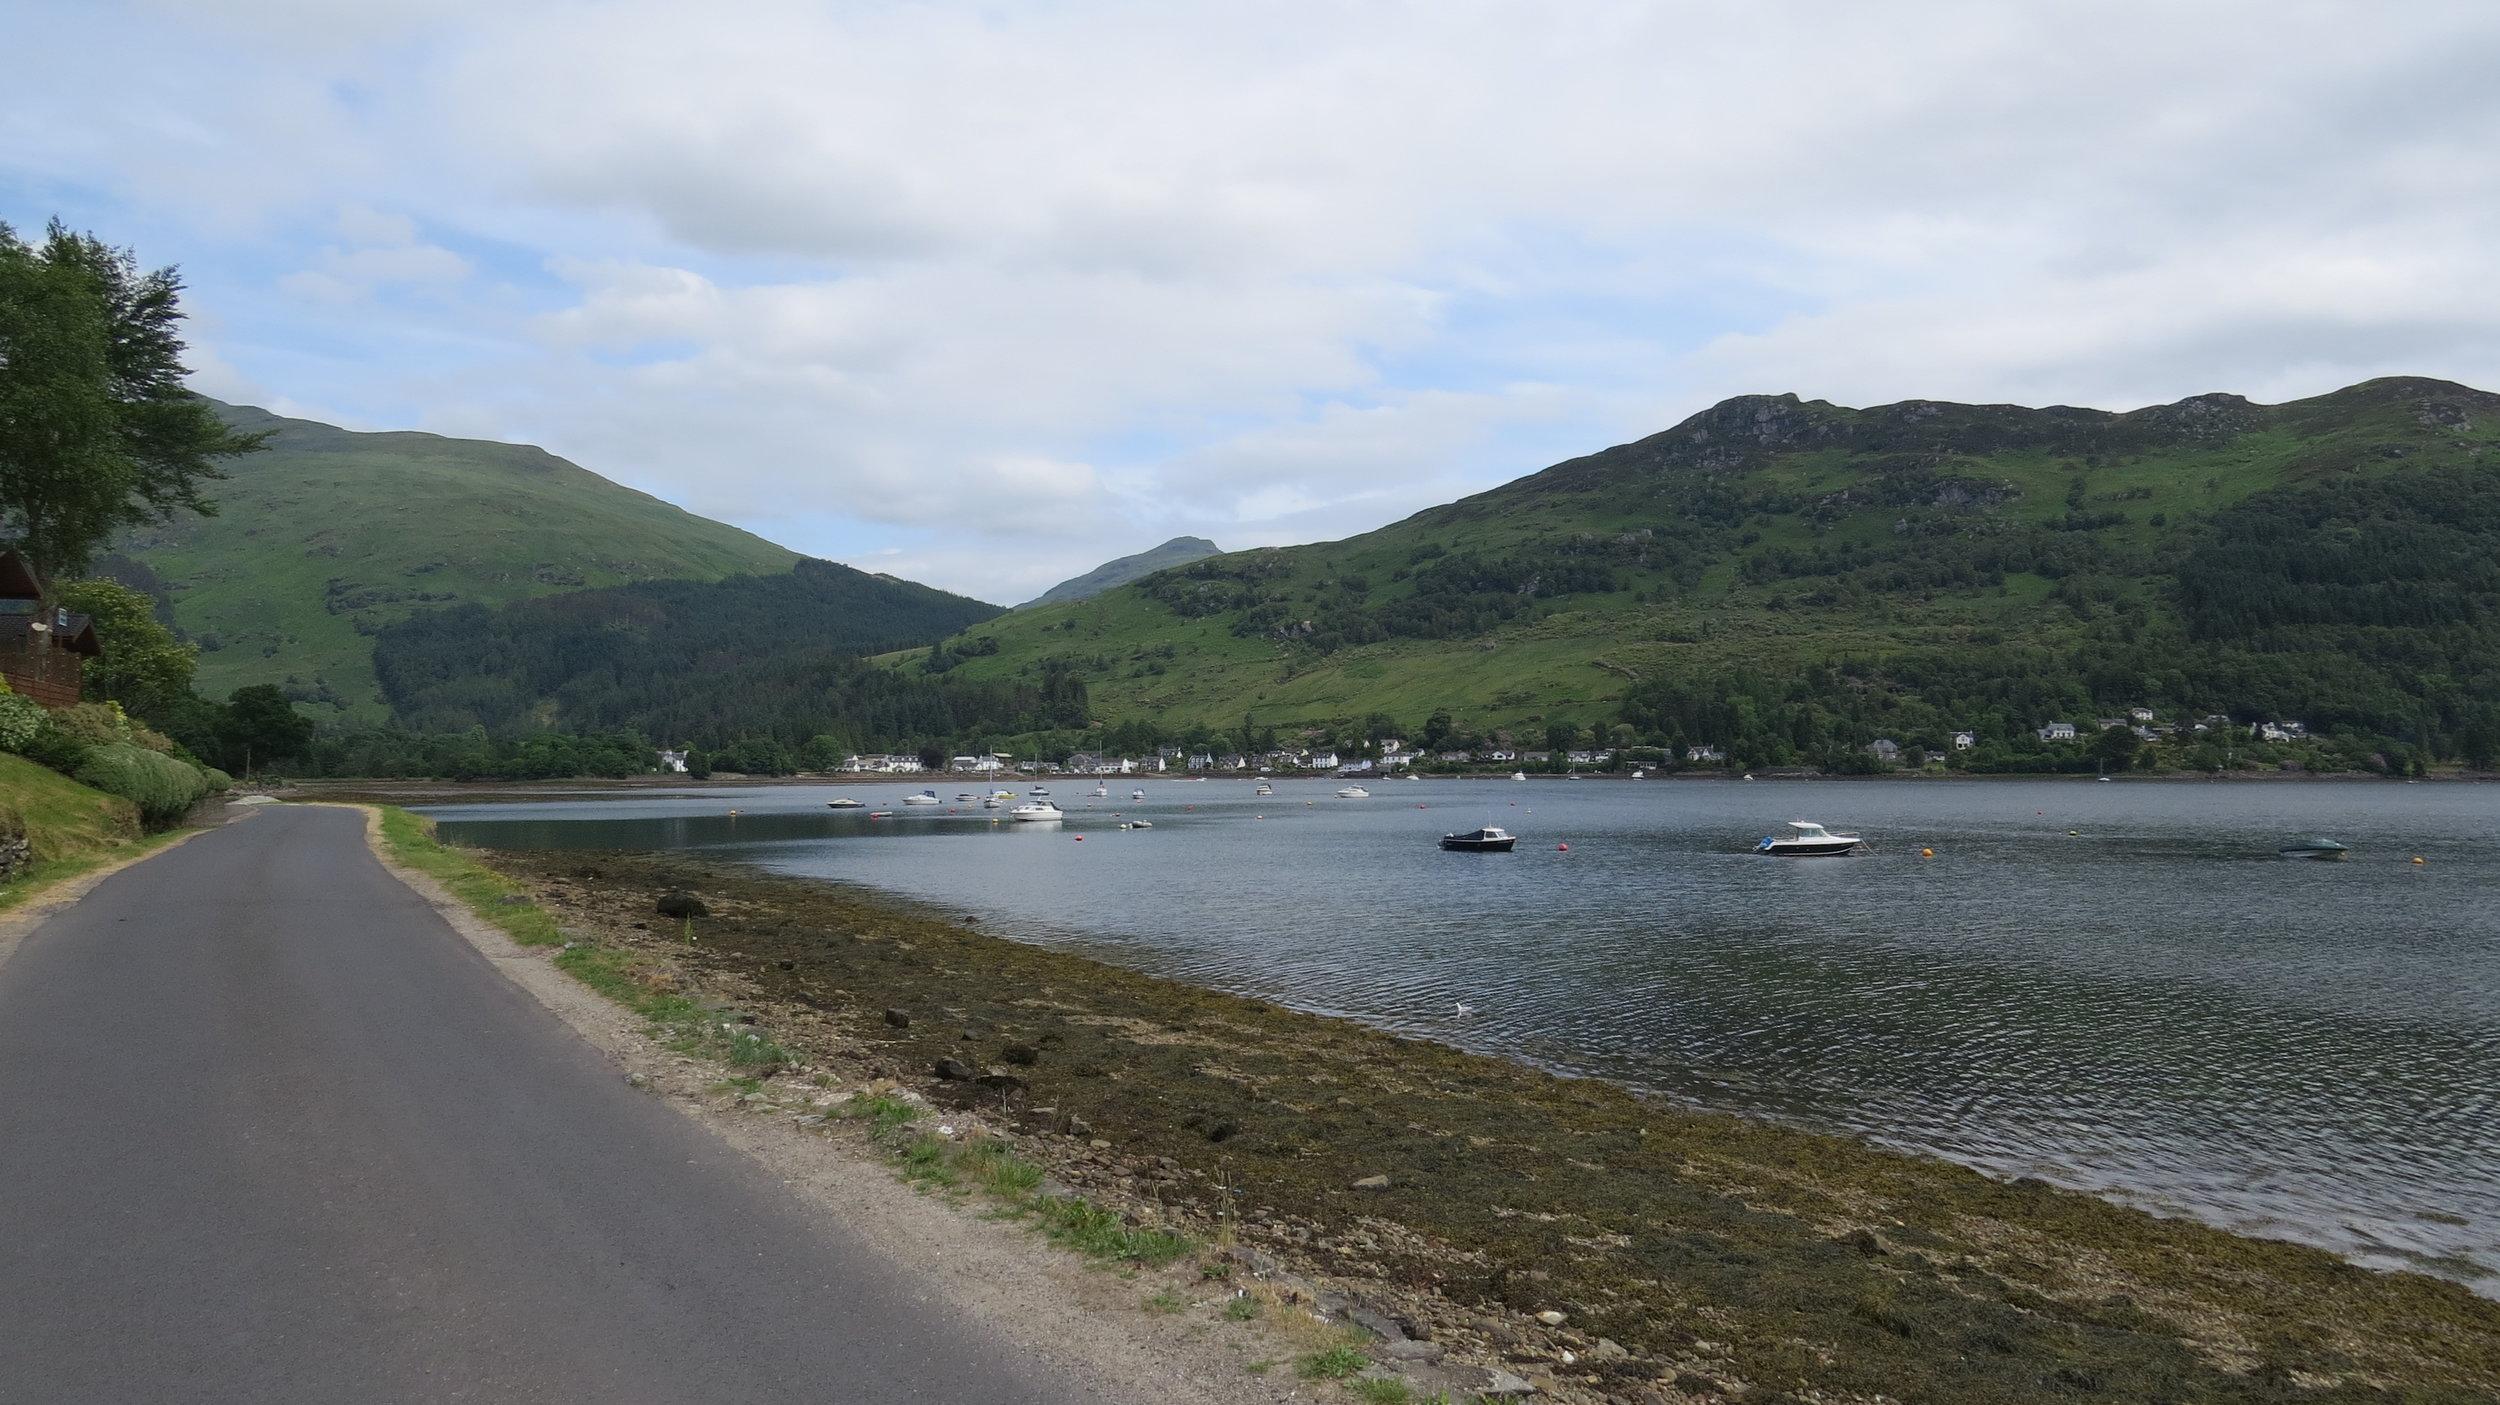 Lochgoilhead across Water